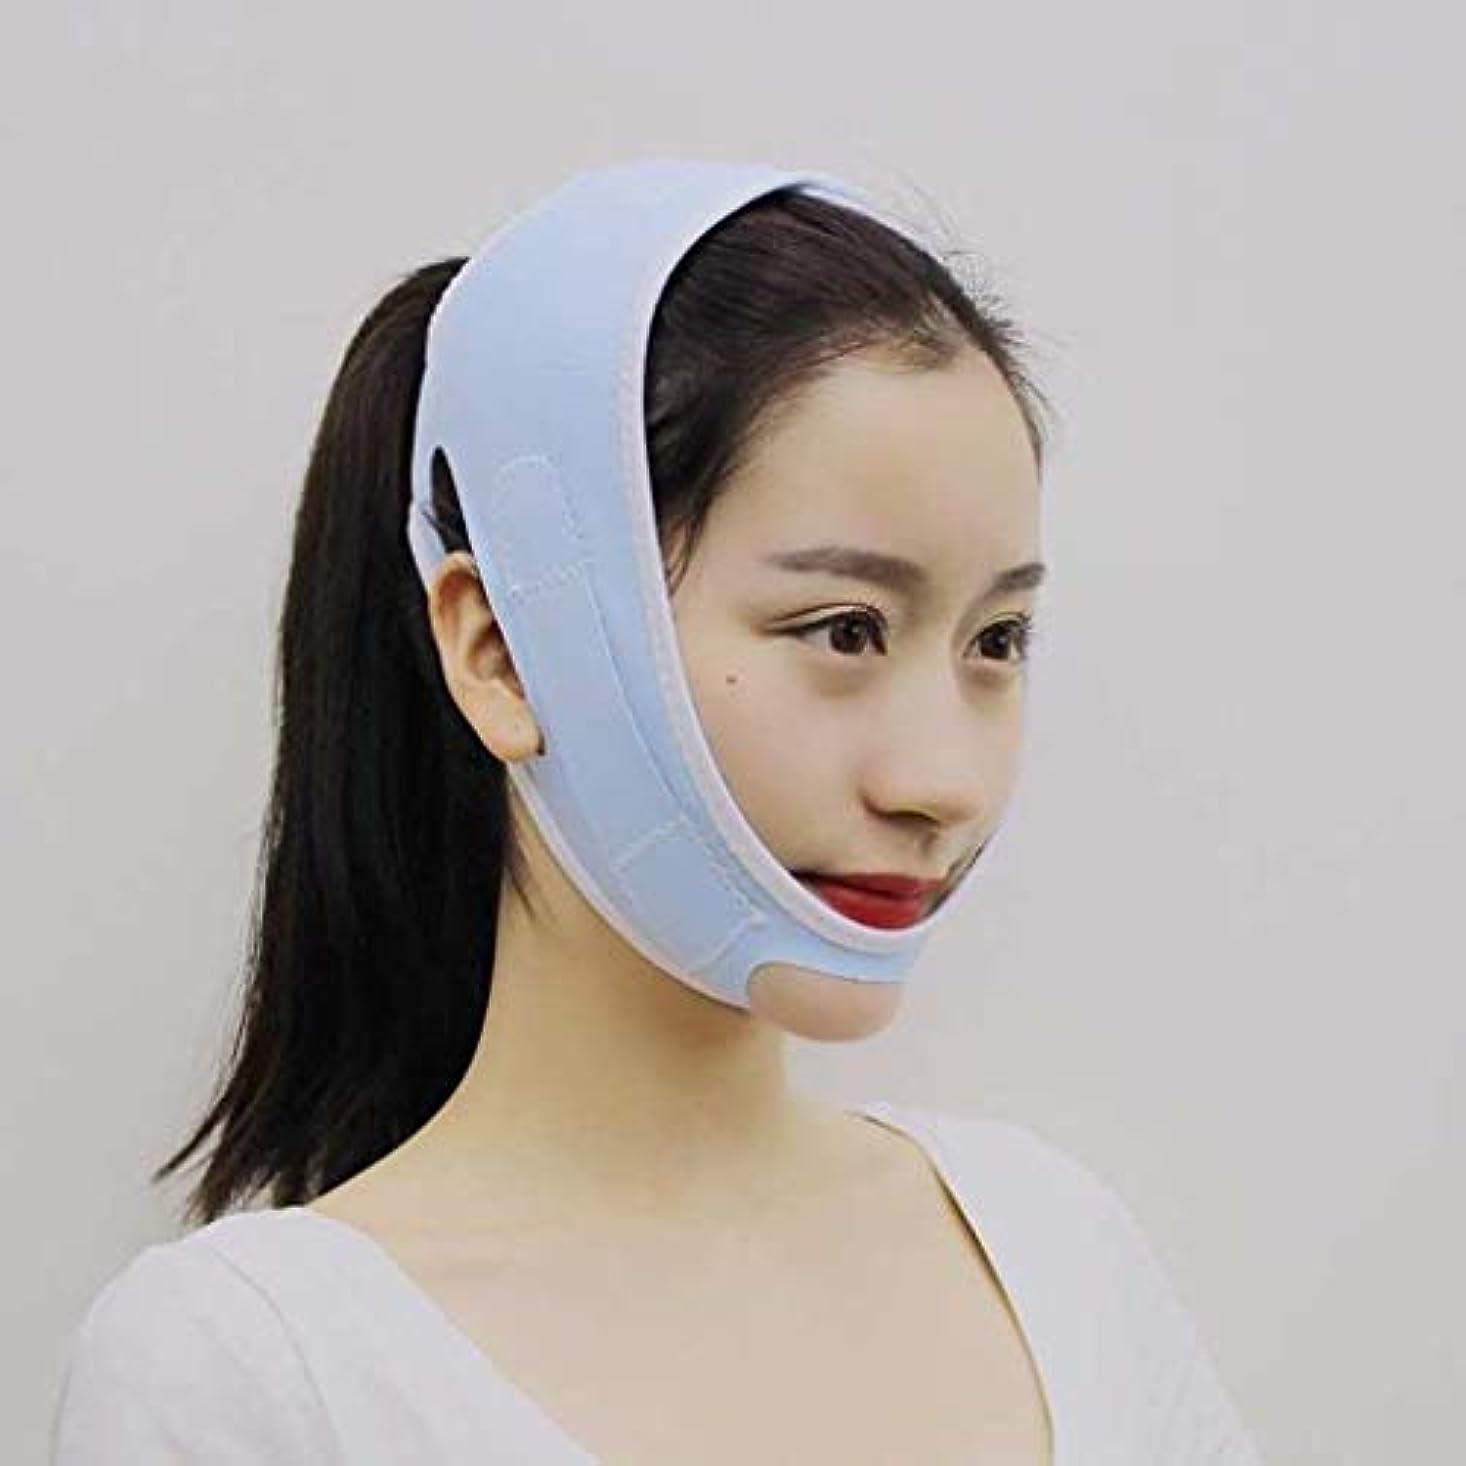 修道院キャンプに向けて出発Jia He 軽量 アンチリンクル薄い二重あごVフェイスアーティファクト睡眠美容ビームフェイスベルトを持ち上げる薄い顔ベルト、薄い顔包帯 ## (Color : Blue)